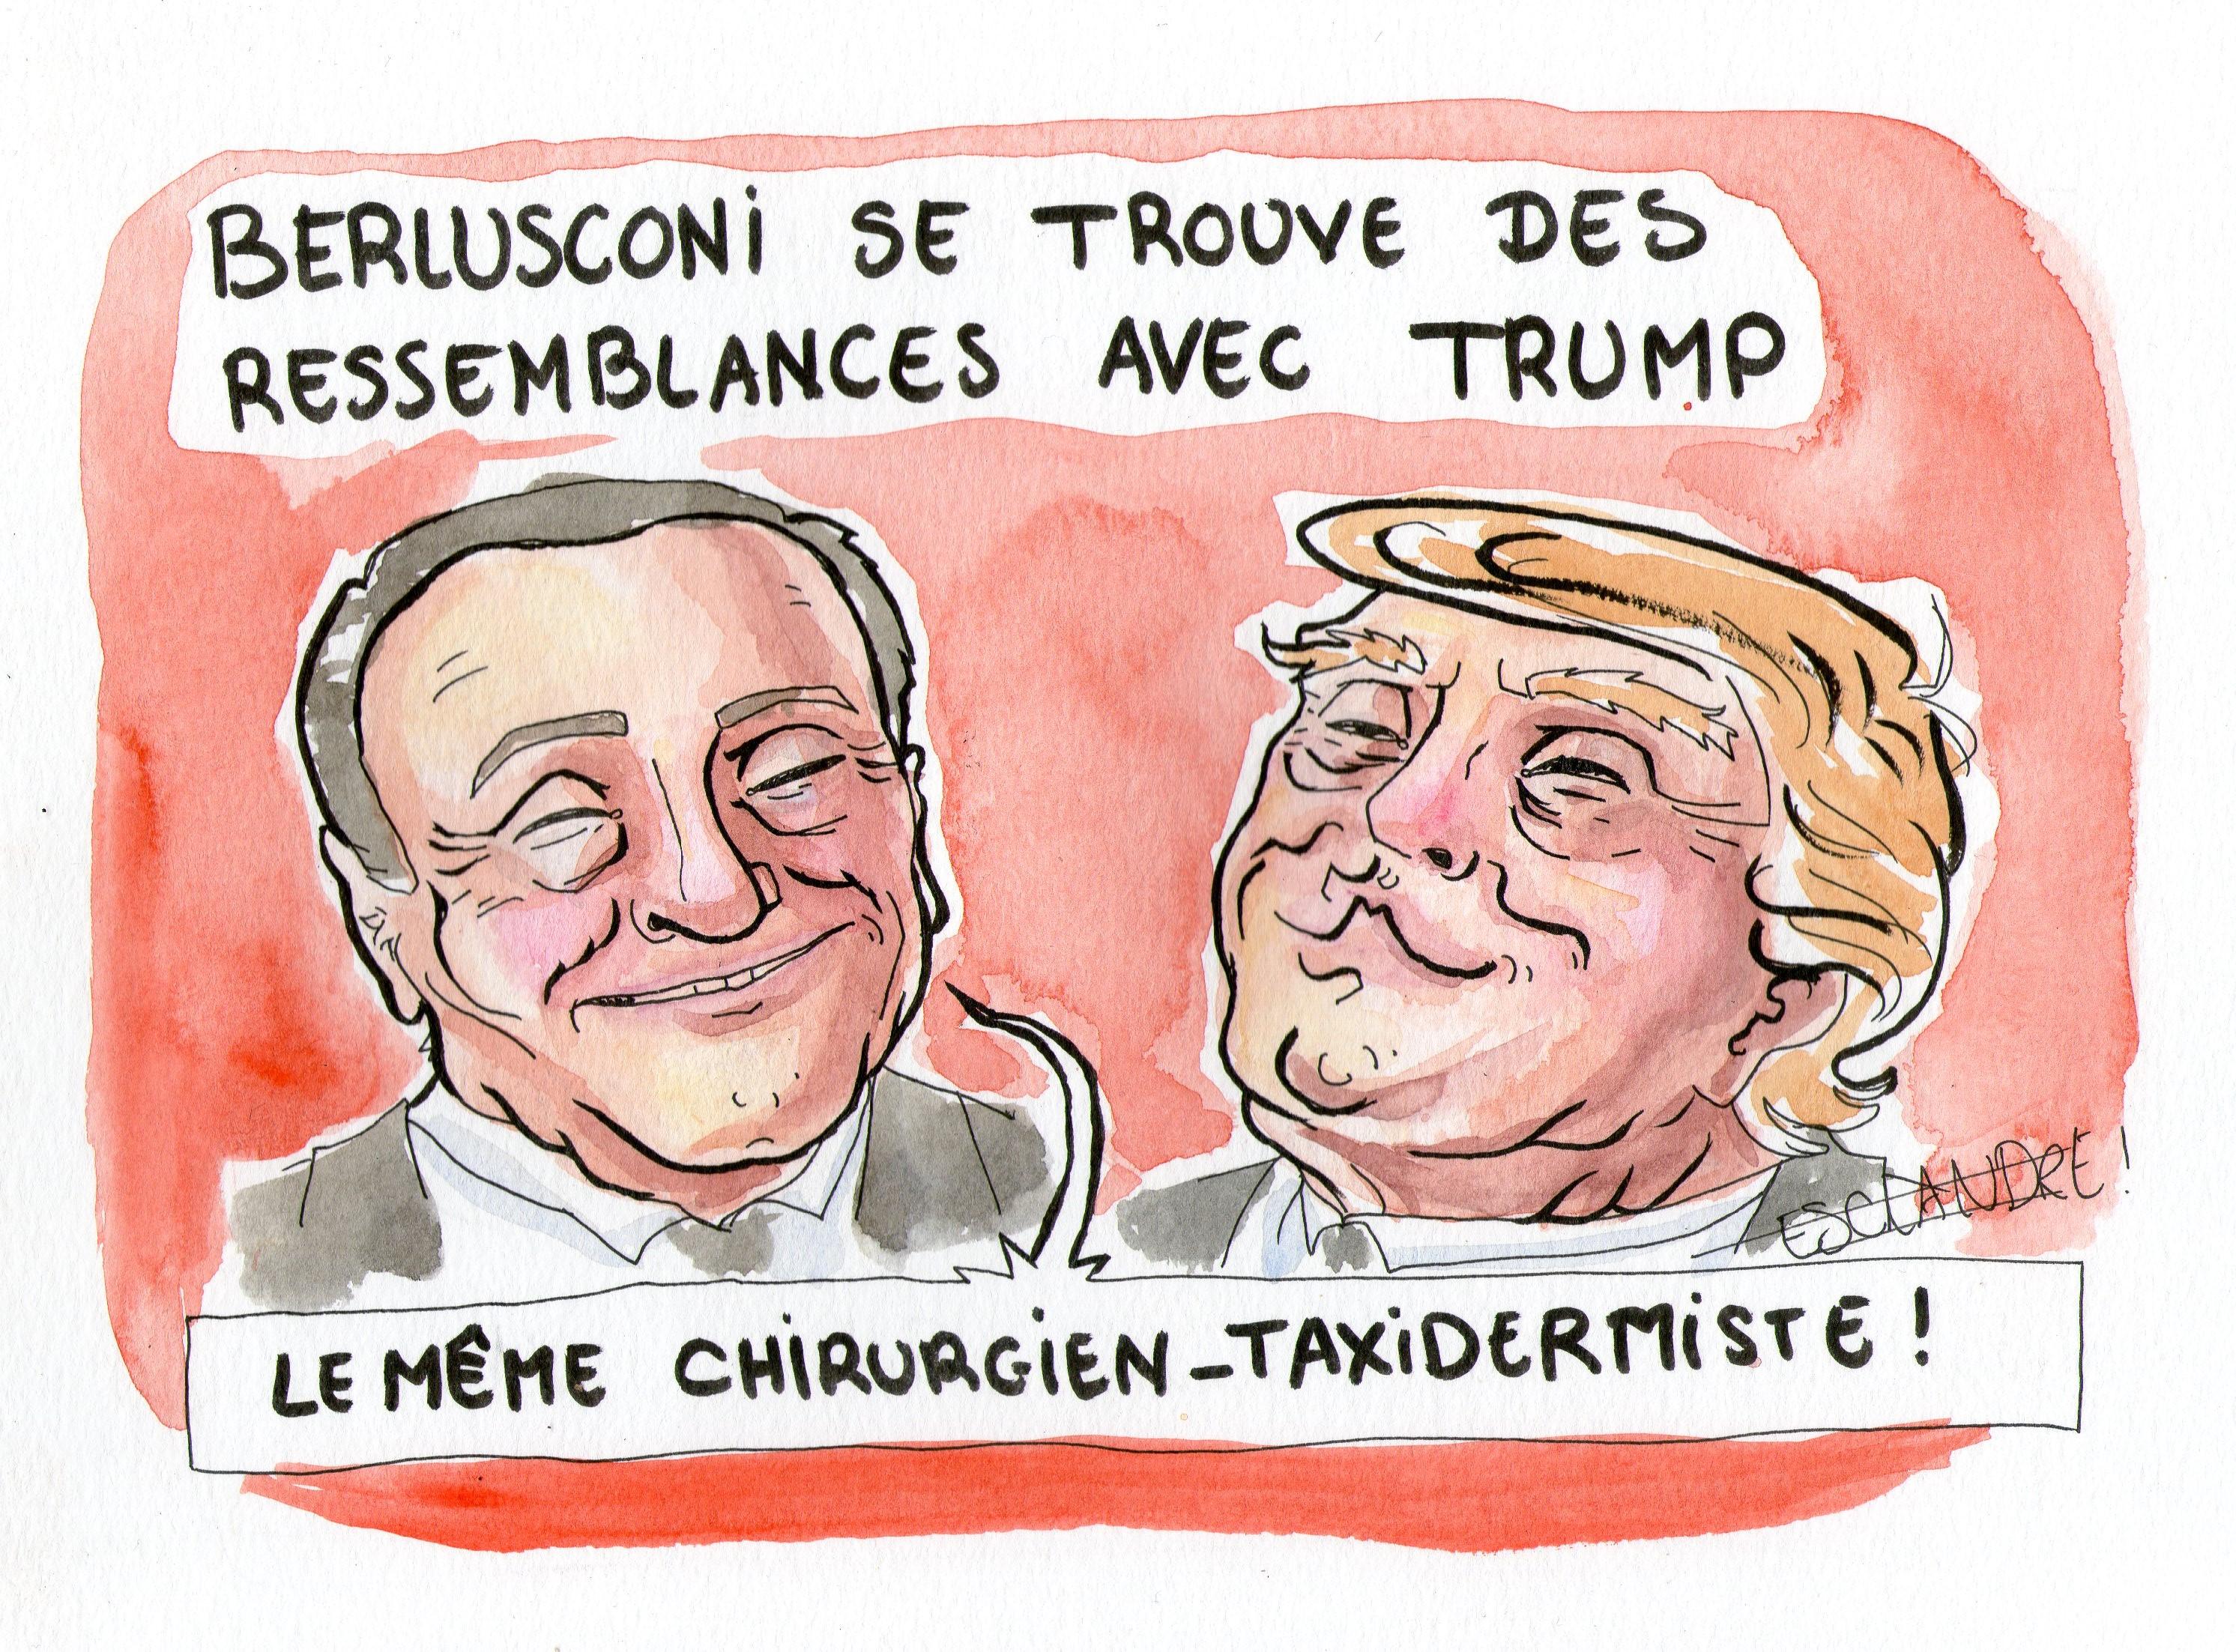 Berlusconi se trouve des ressemblances avec Trump